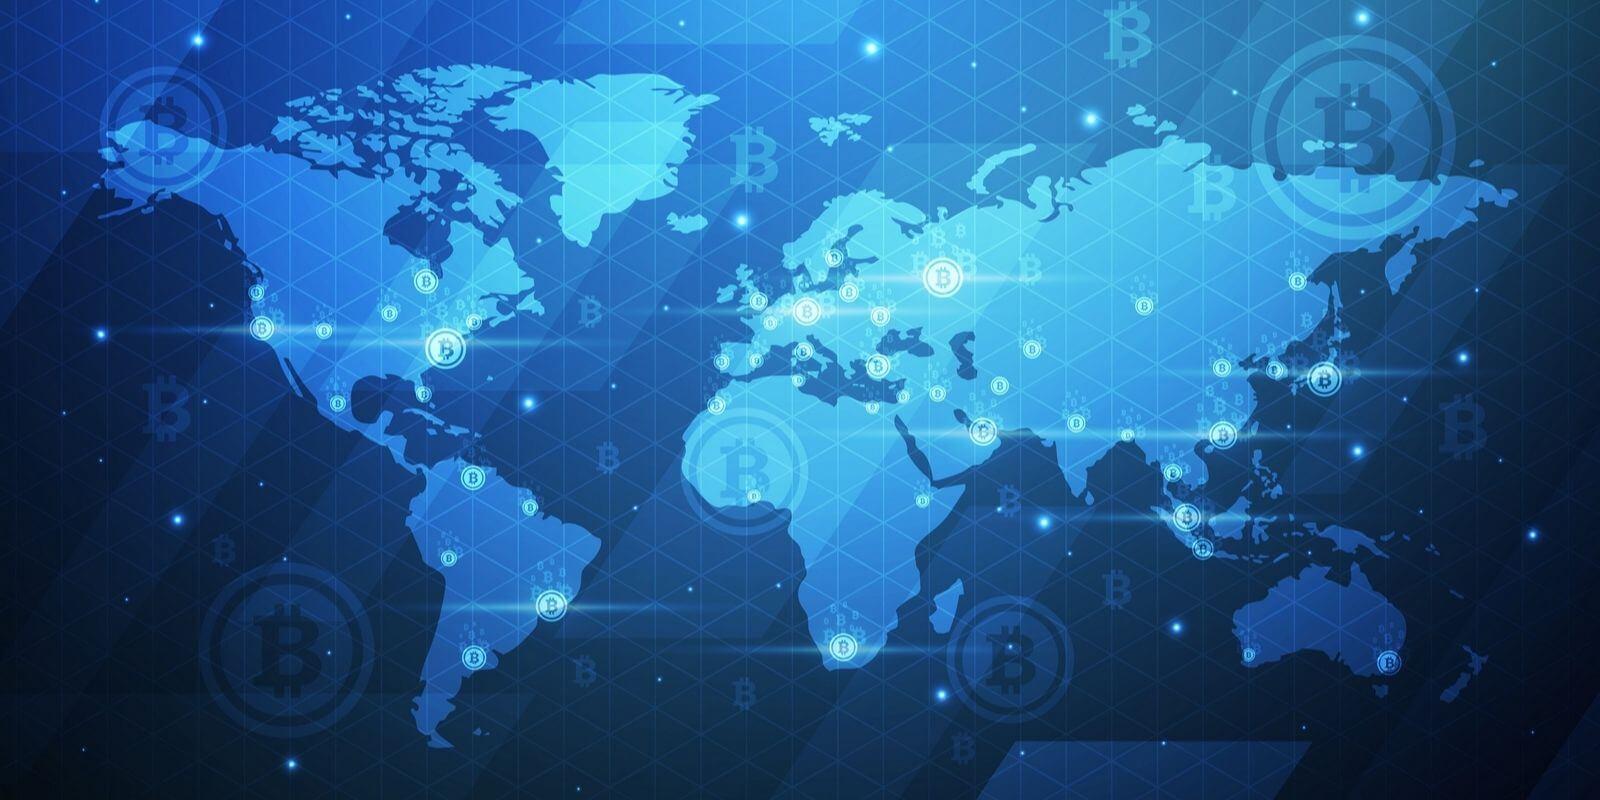 Cette carte interactive révèle quelles sont les cryptos les plus recherchées dans le monde